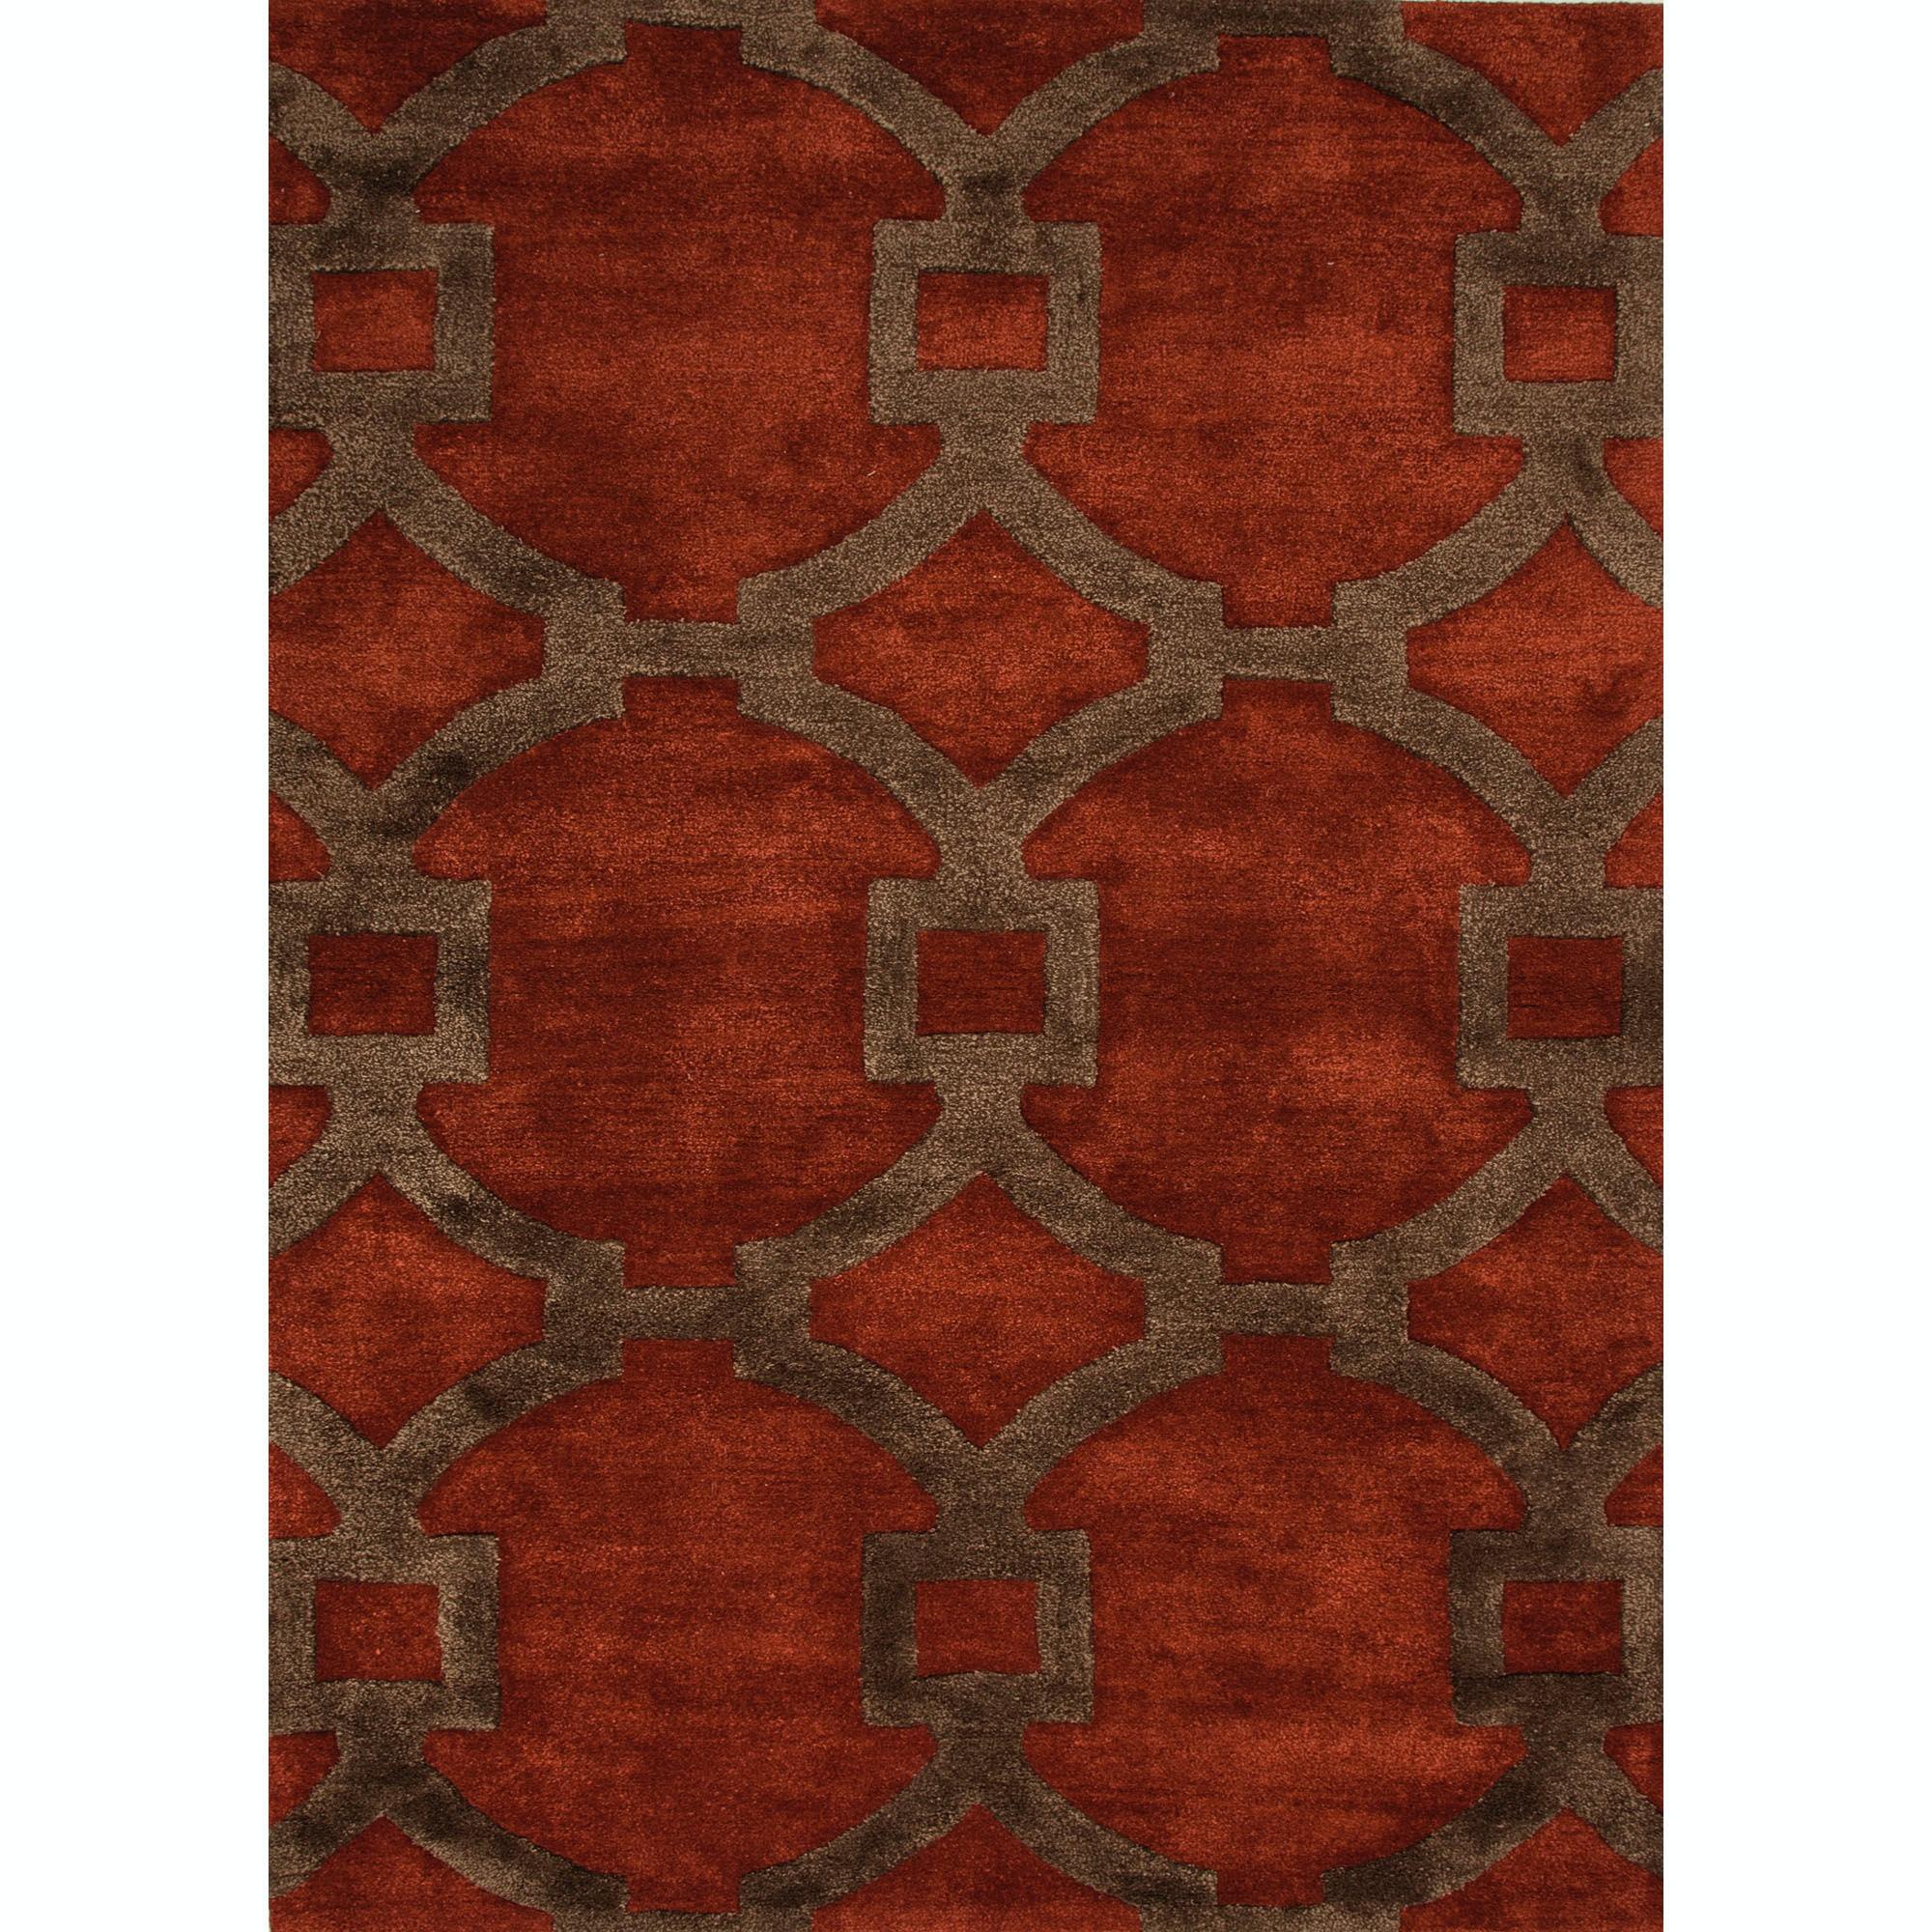 Jaipur Rugs Floor Coverings Hand Tufted Geometric Pattern Wool Art